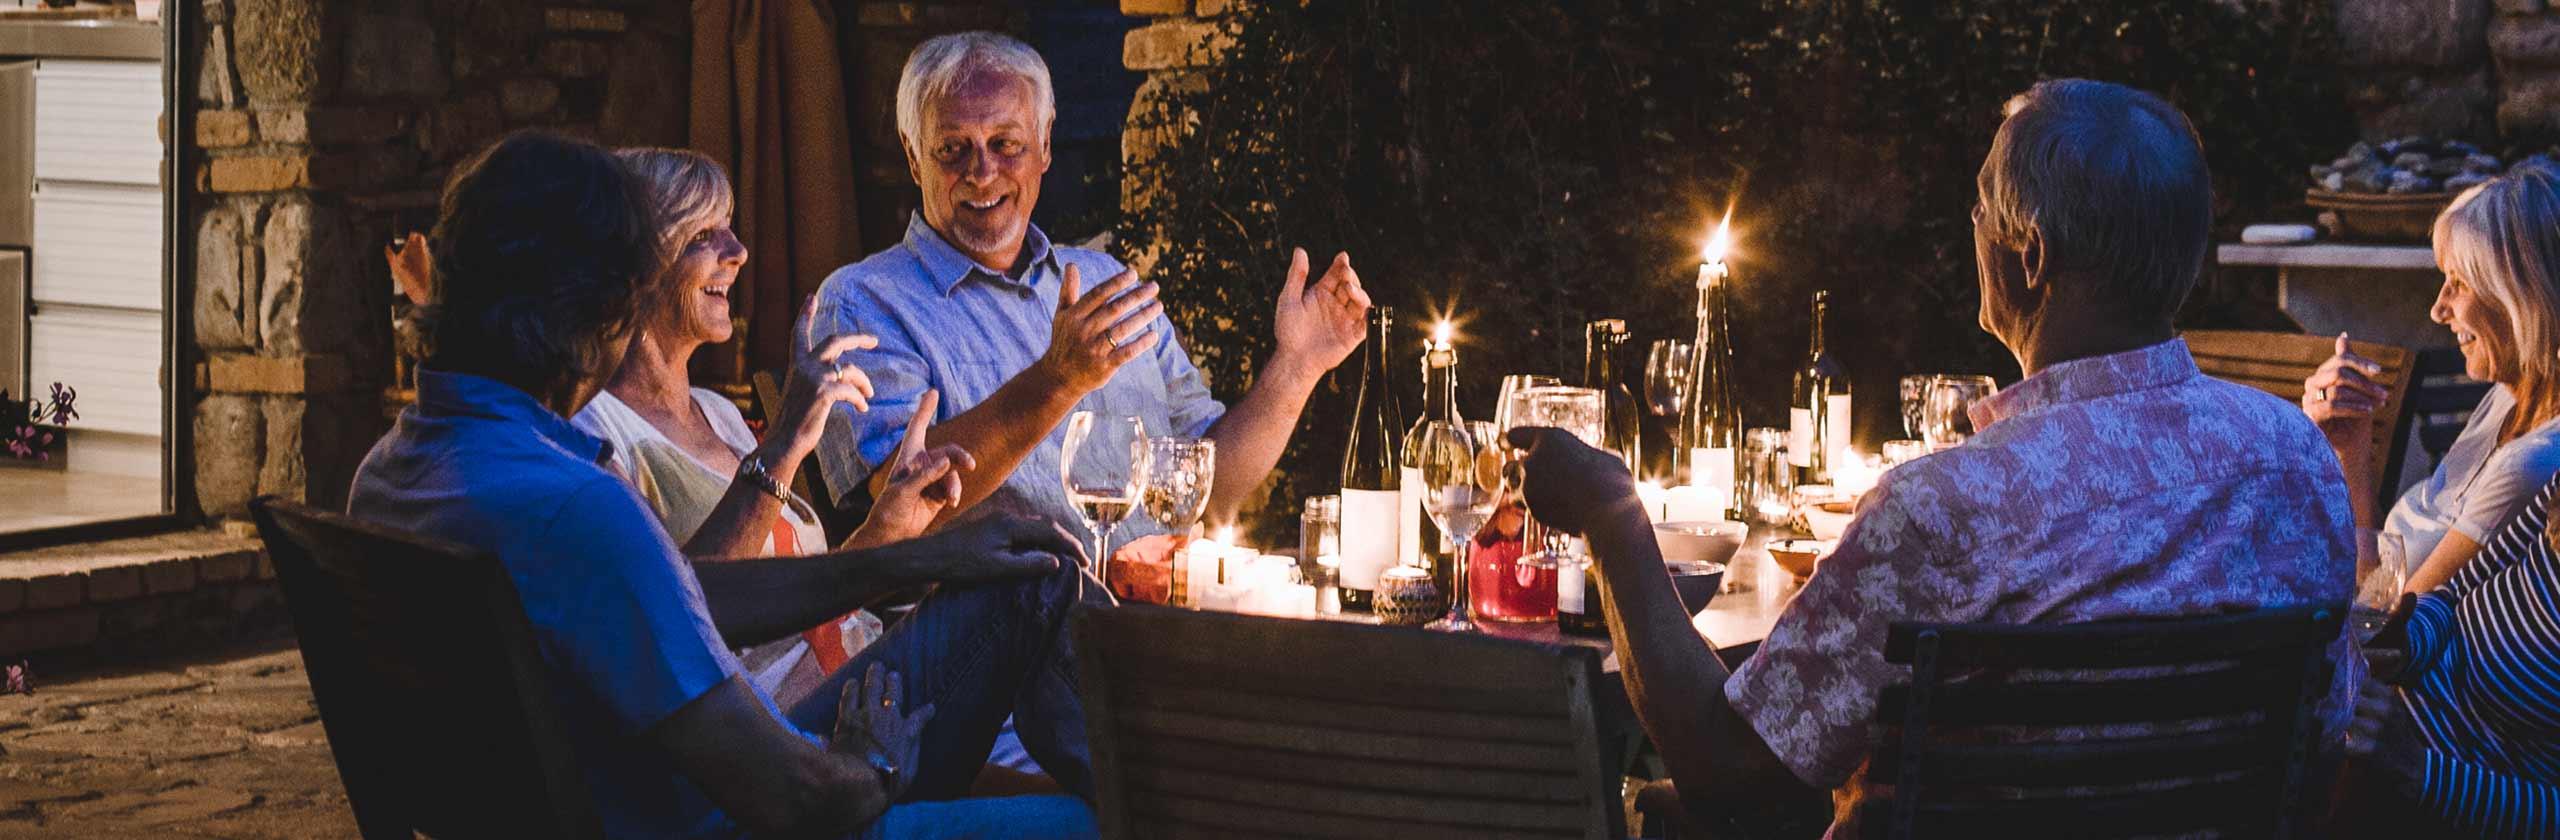 Imagen de personas reunidas en una mesa al aire libre